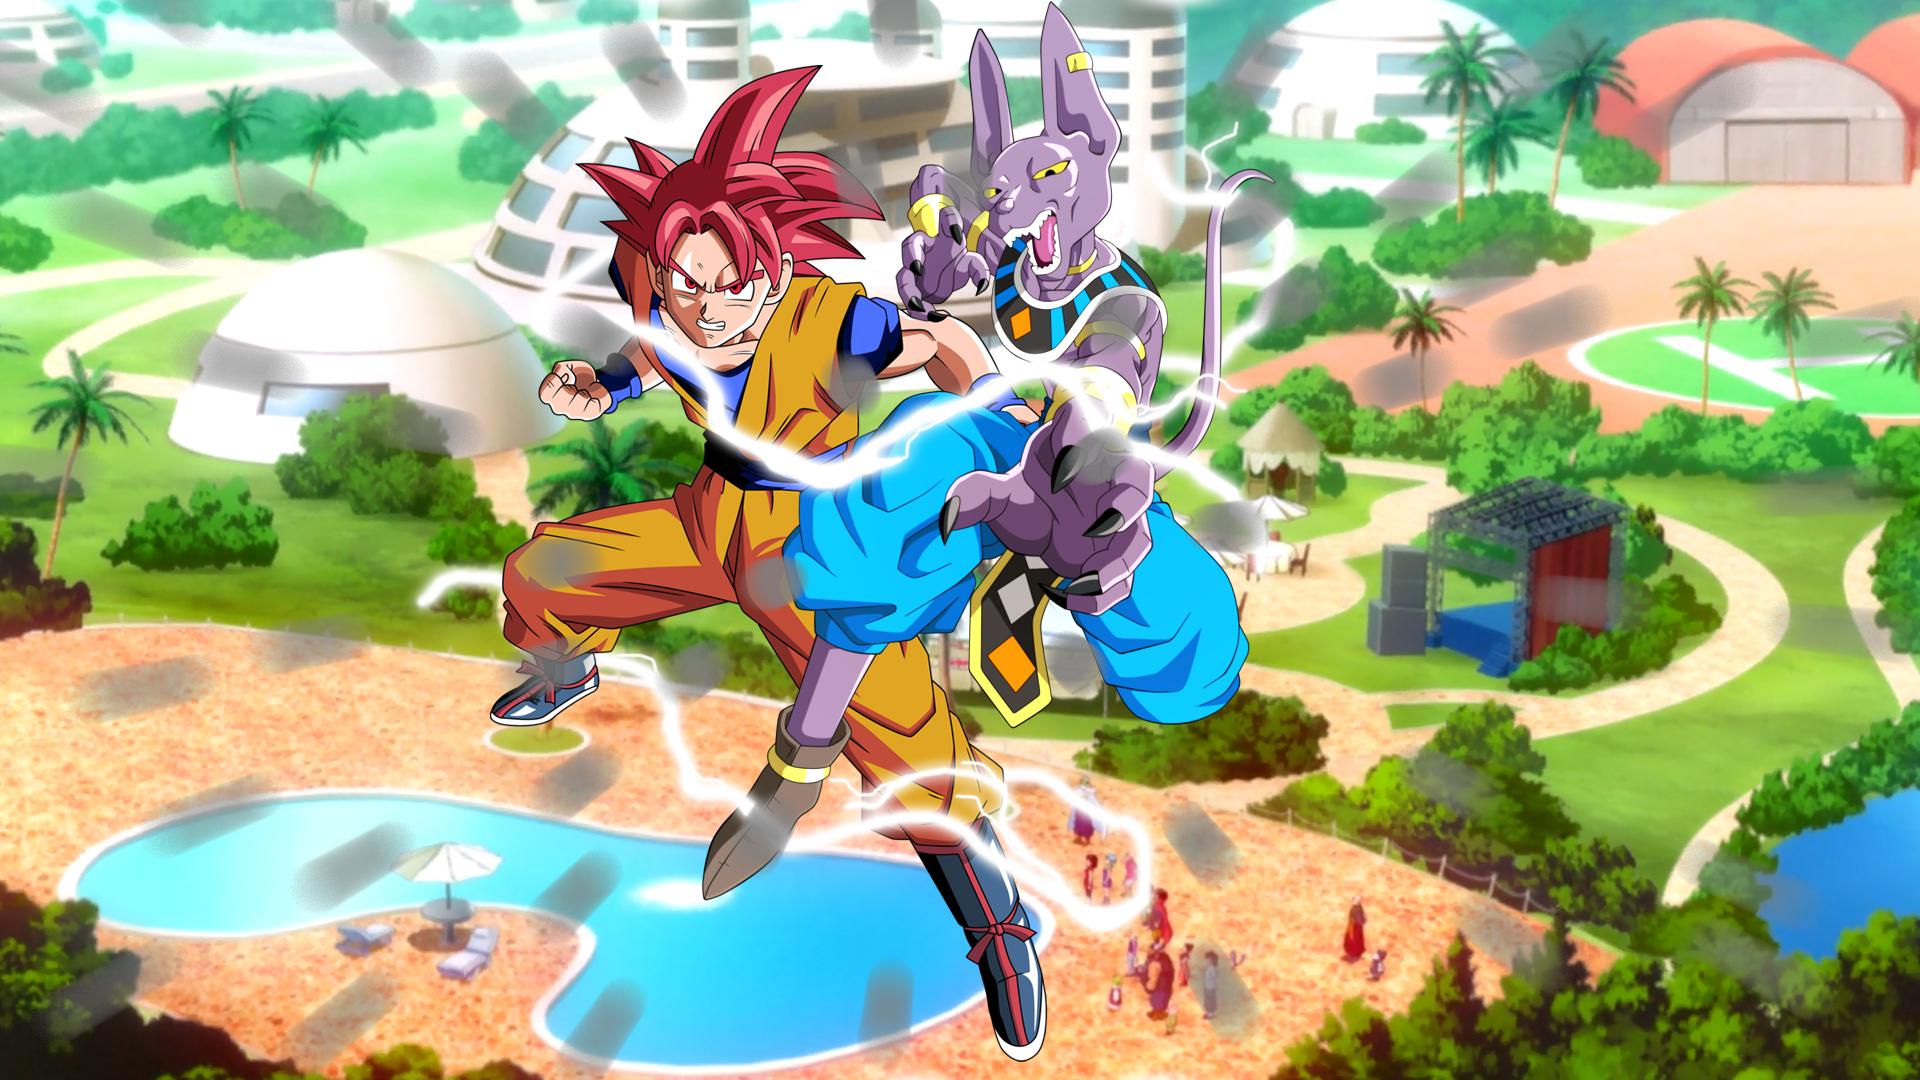 Dragon Ball Z Background Sprites 67196 Trendnet